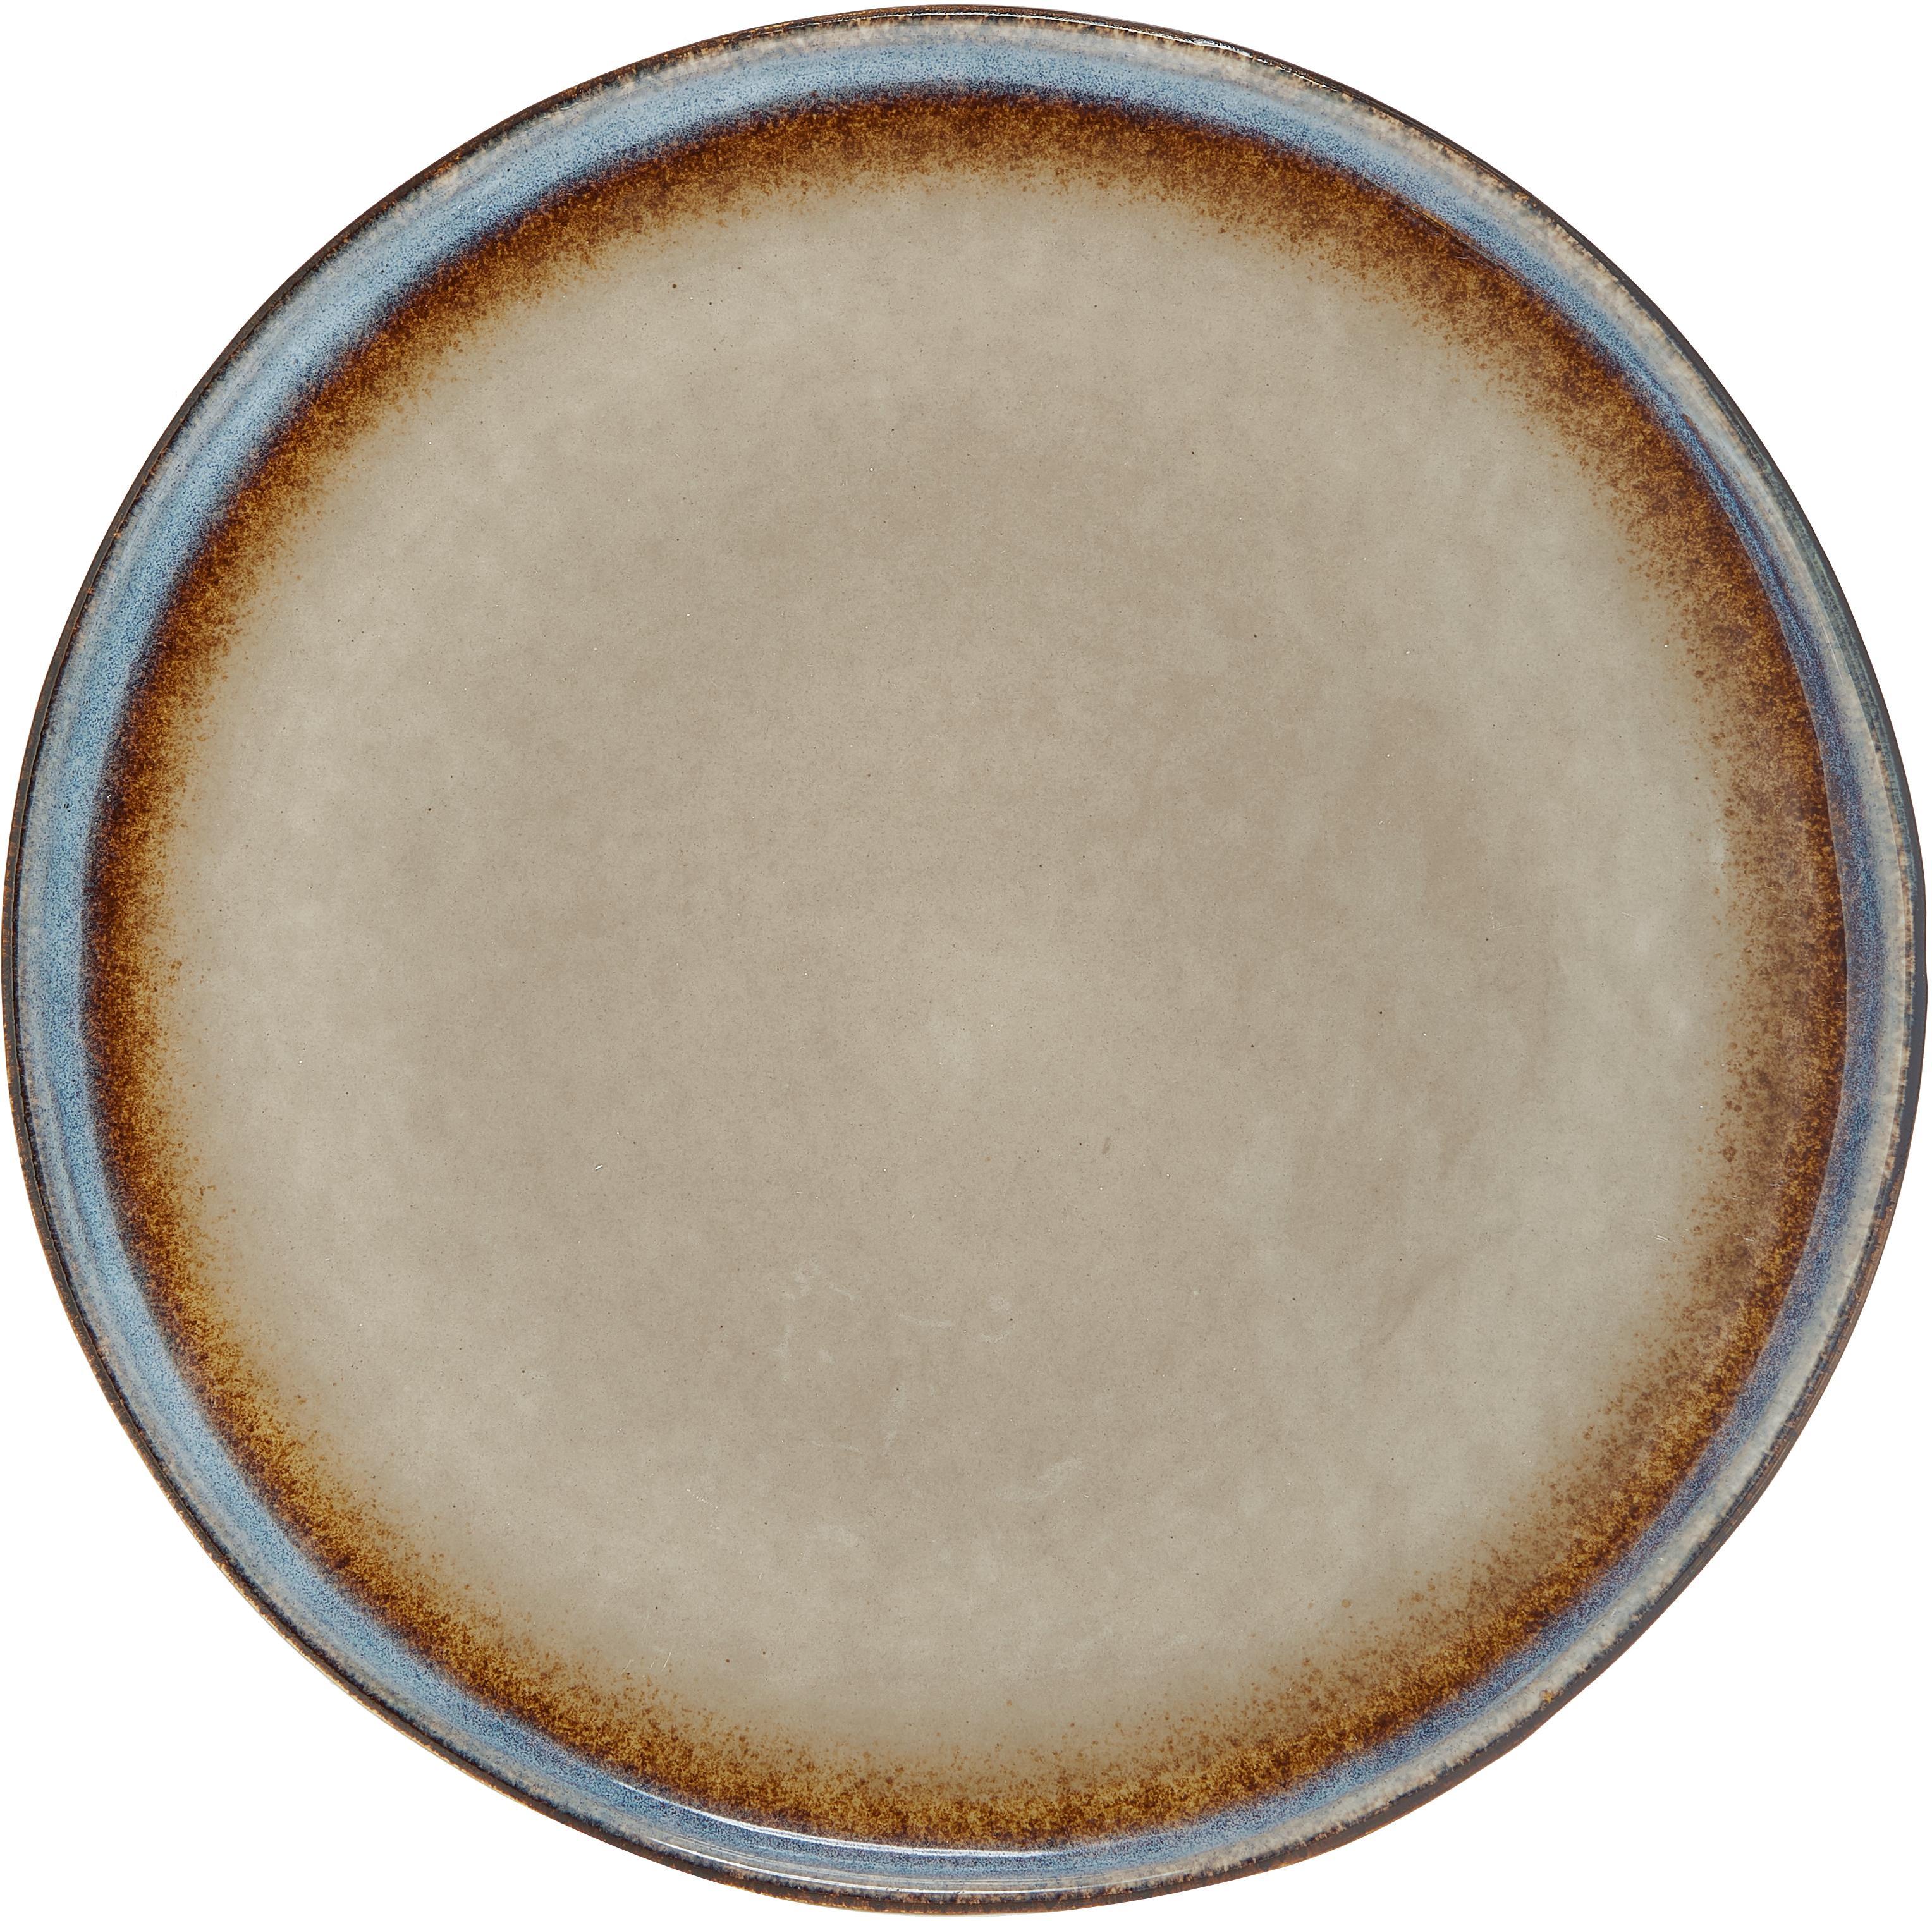 Handgemachte Speiseteller Nomimono, 2 Stück, Steingut, Grau, Greige, Ø 27 cm